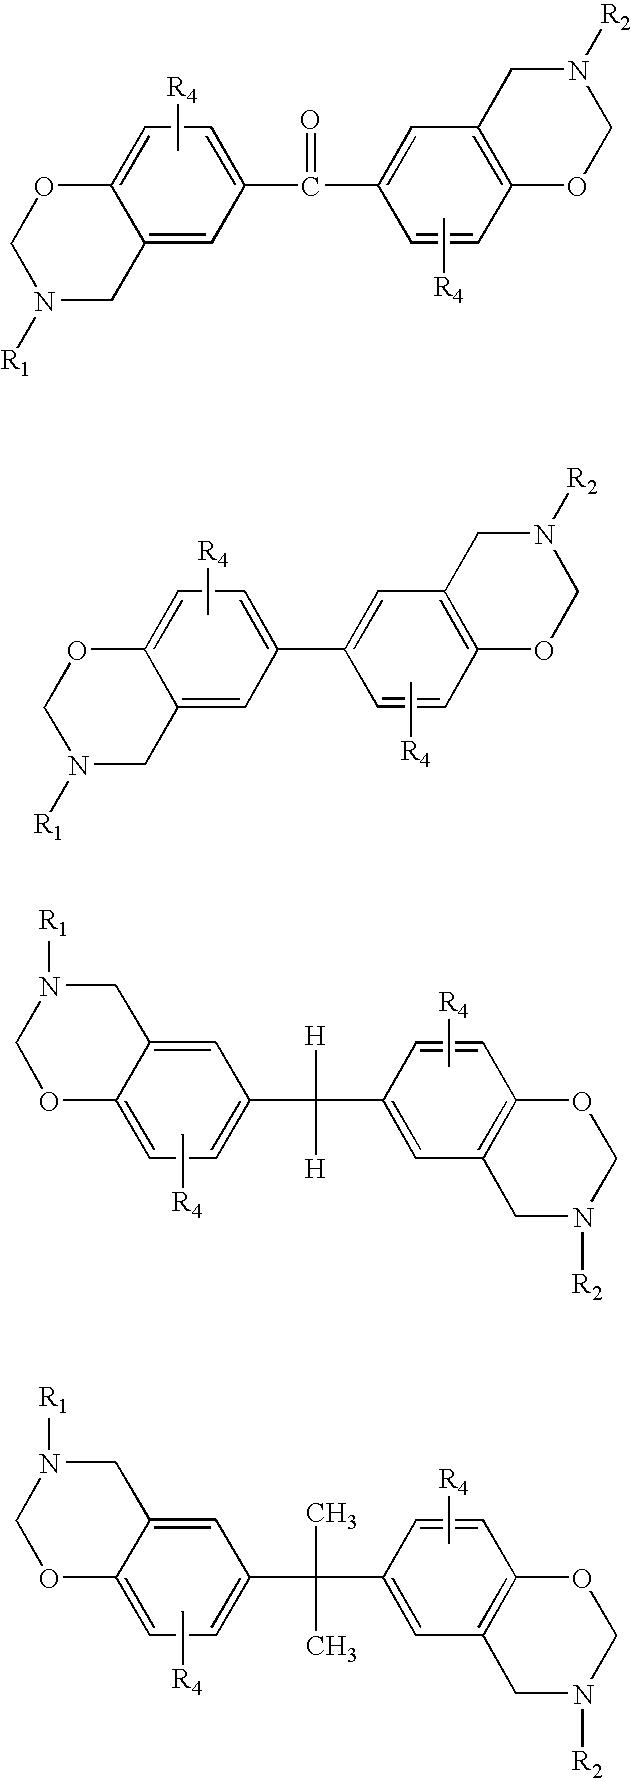 Figure US20060240261A1-20061026-C00007